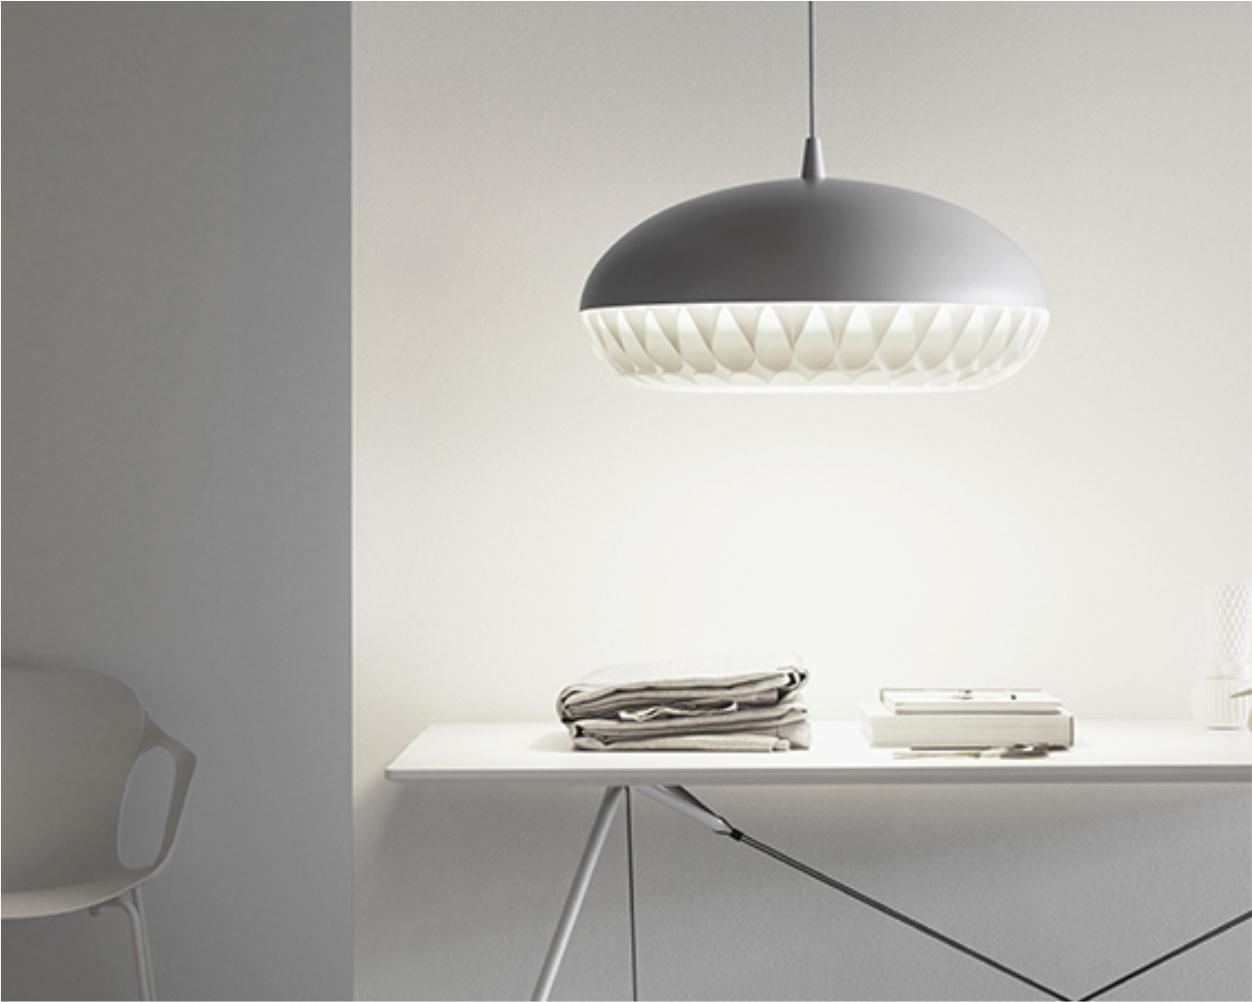 Lampi suspendate de interior. Design interior de lux